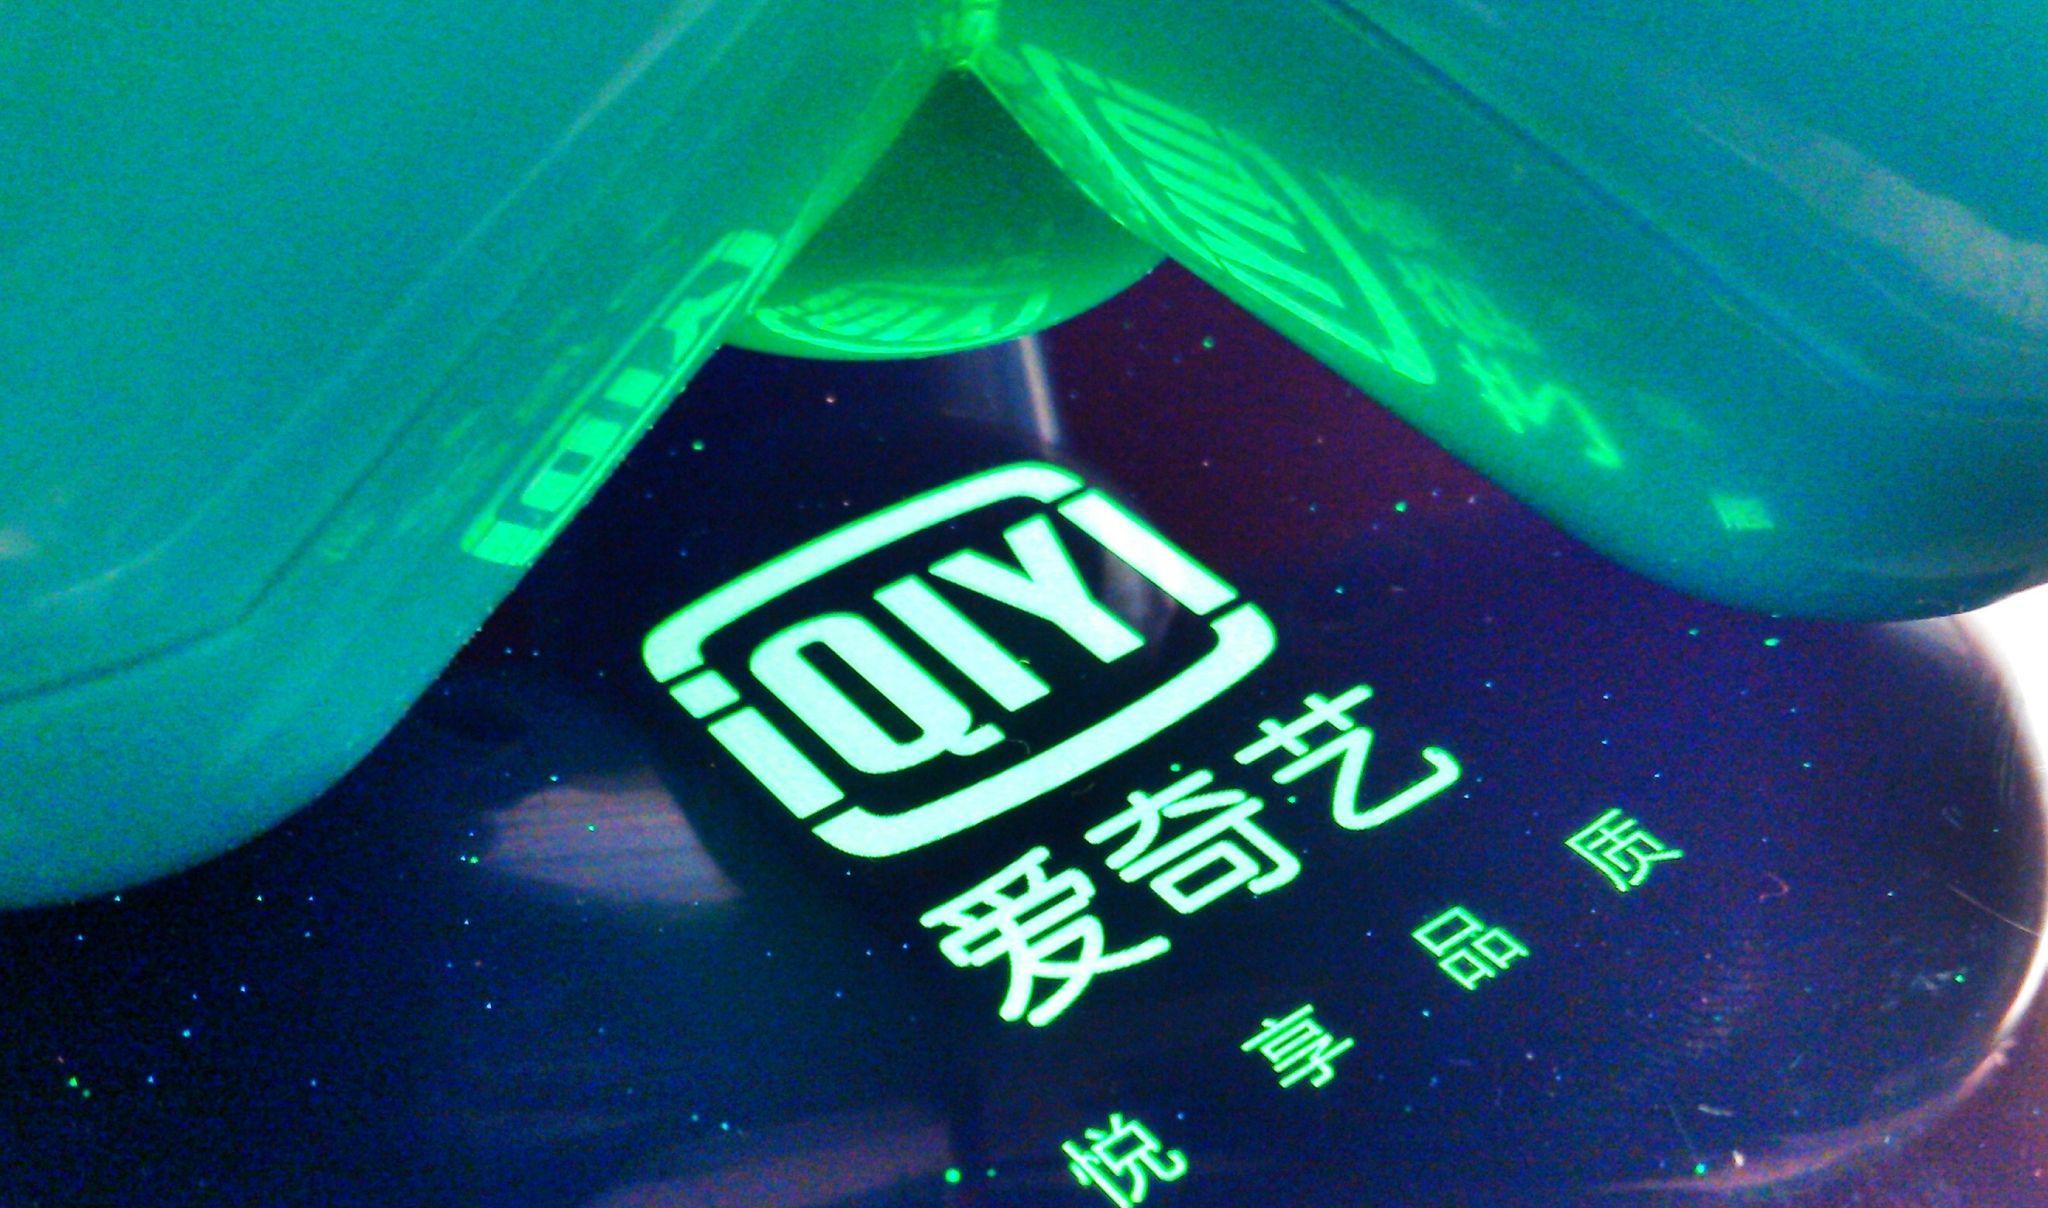 爱奇艺宣布收购手游公司天象互娱100%股权